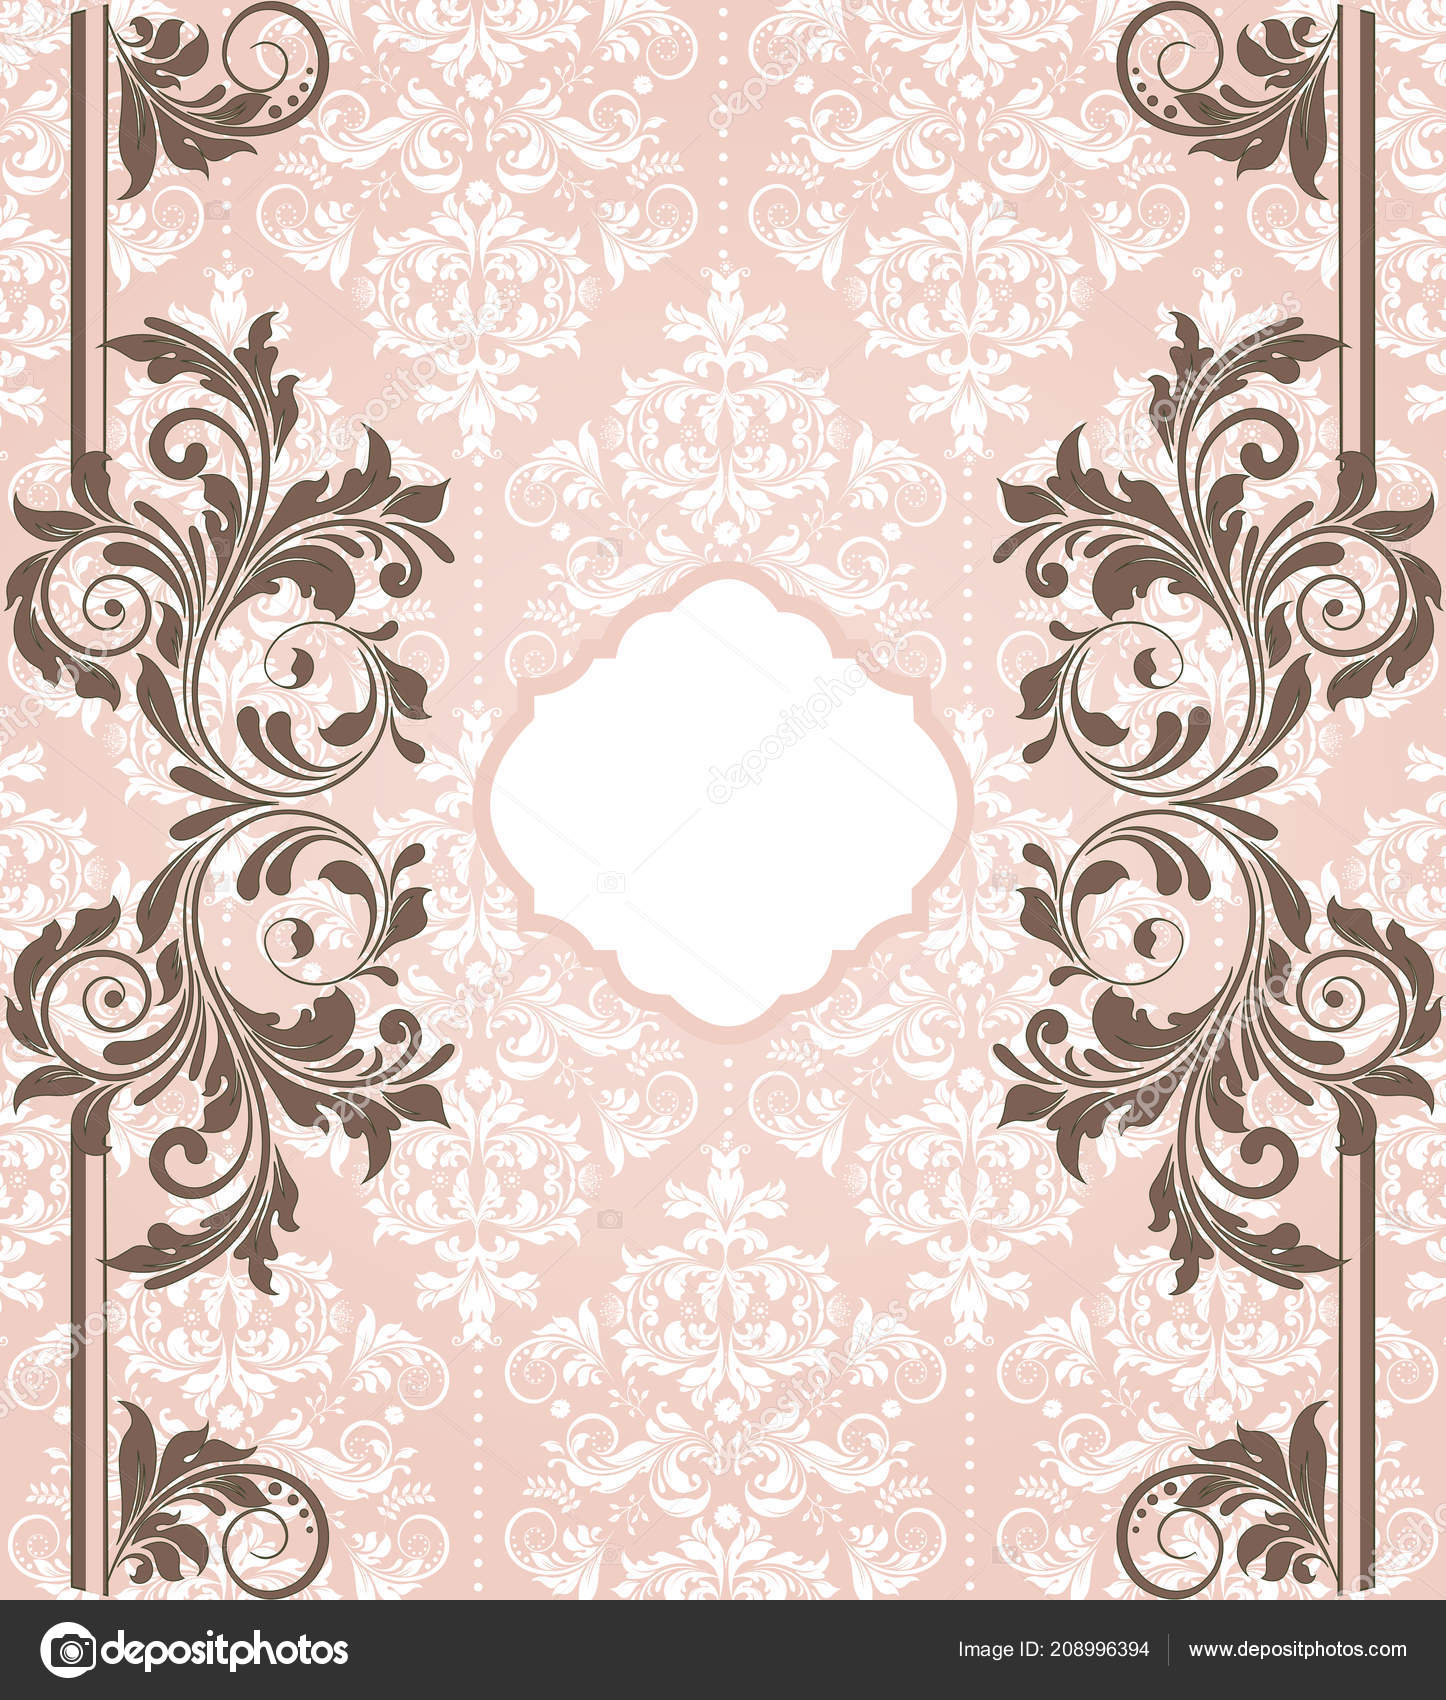 Vintage Invitation Card Ornate Elegant Abstract Floral Design Brown